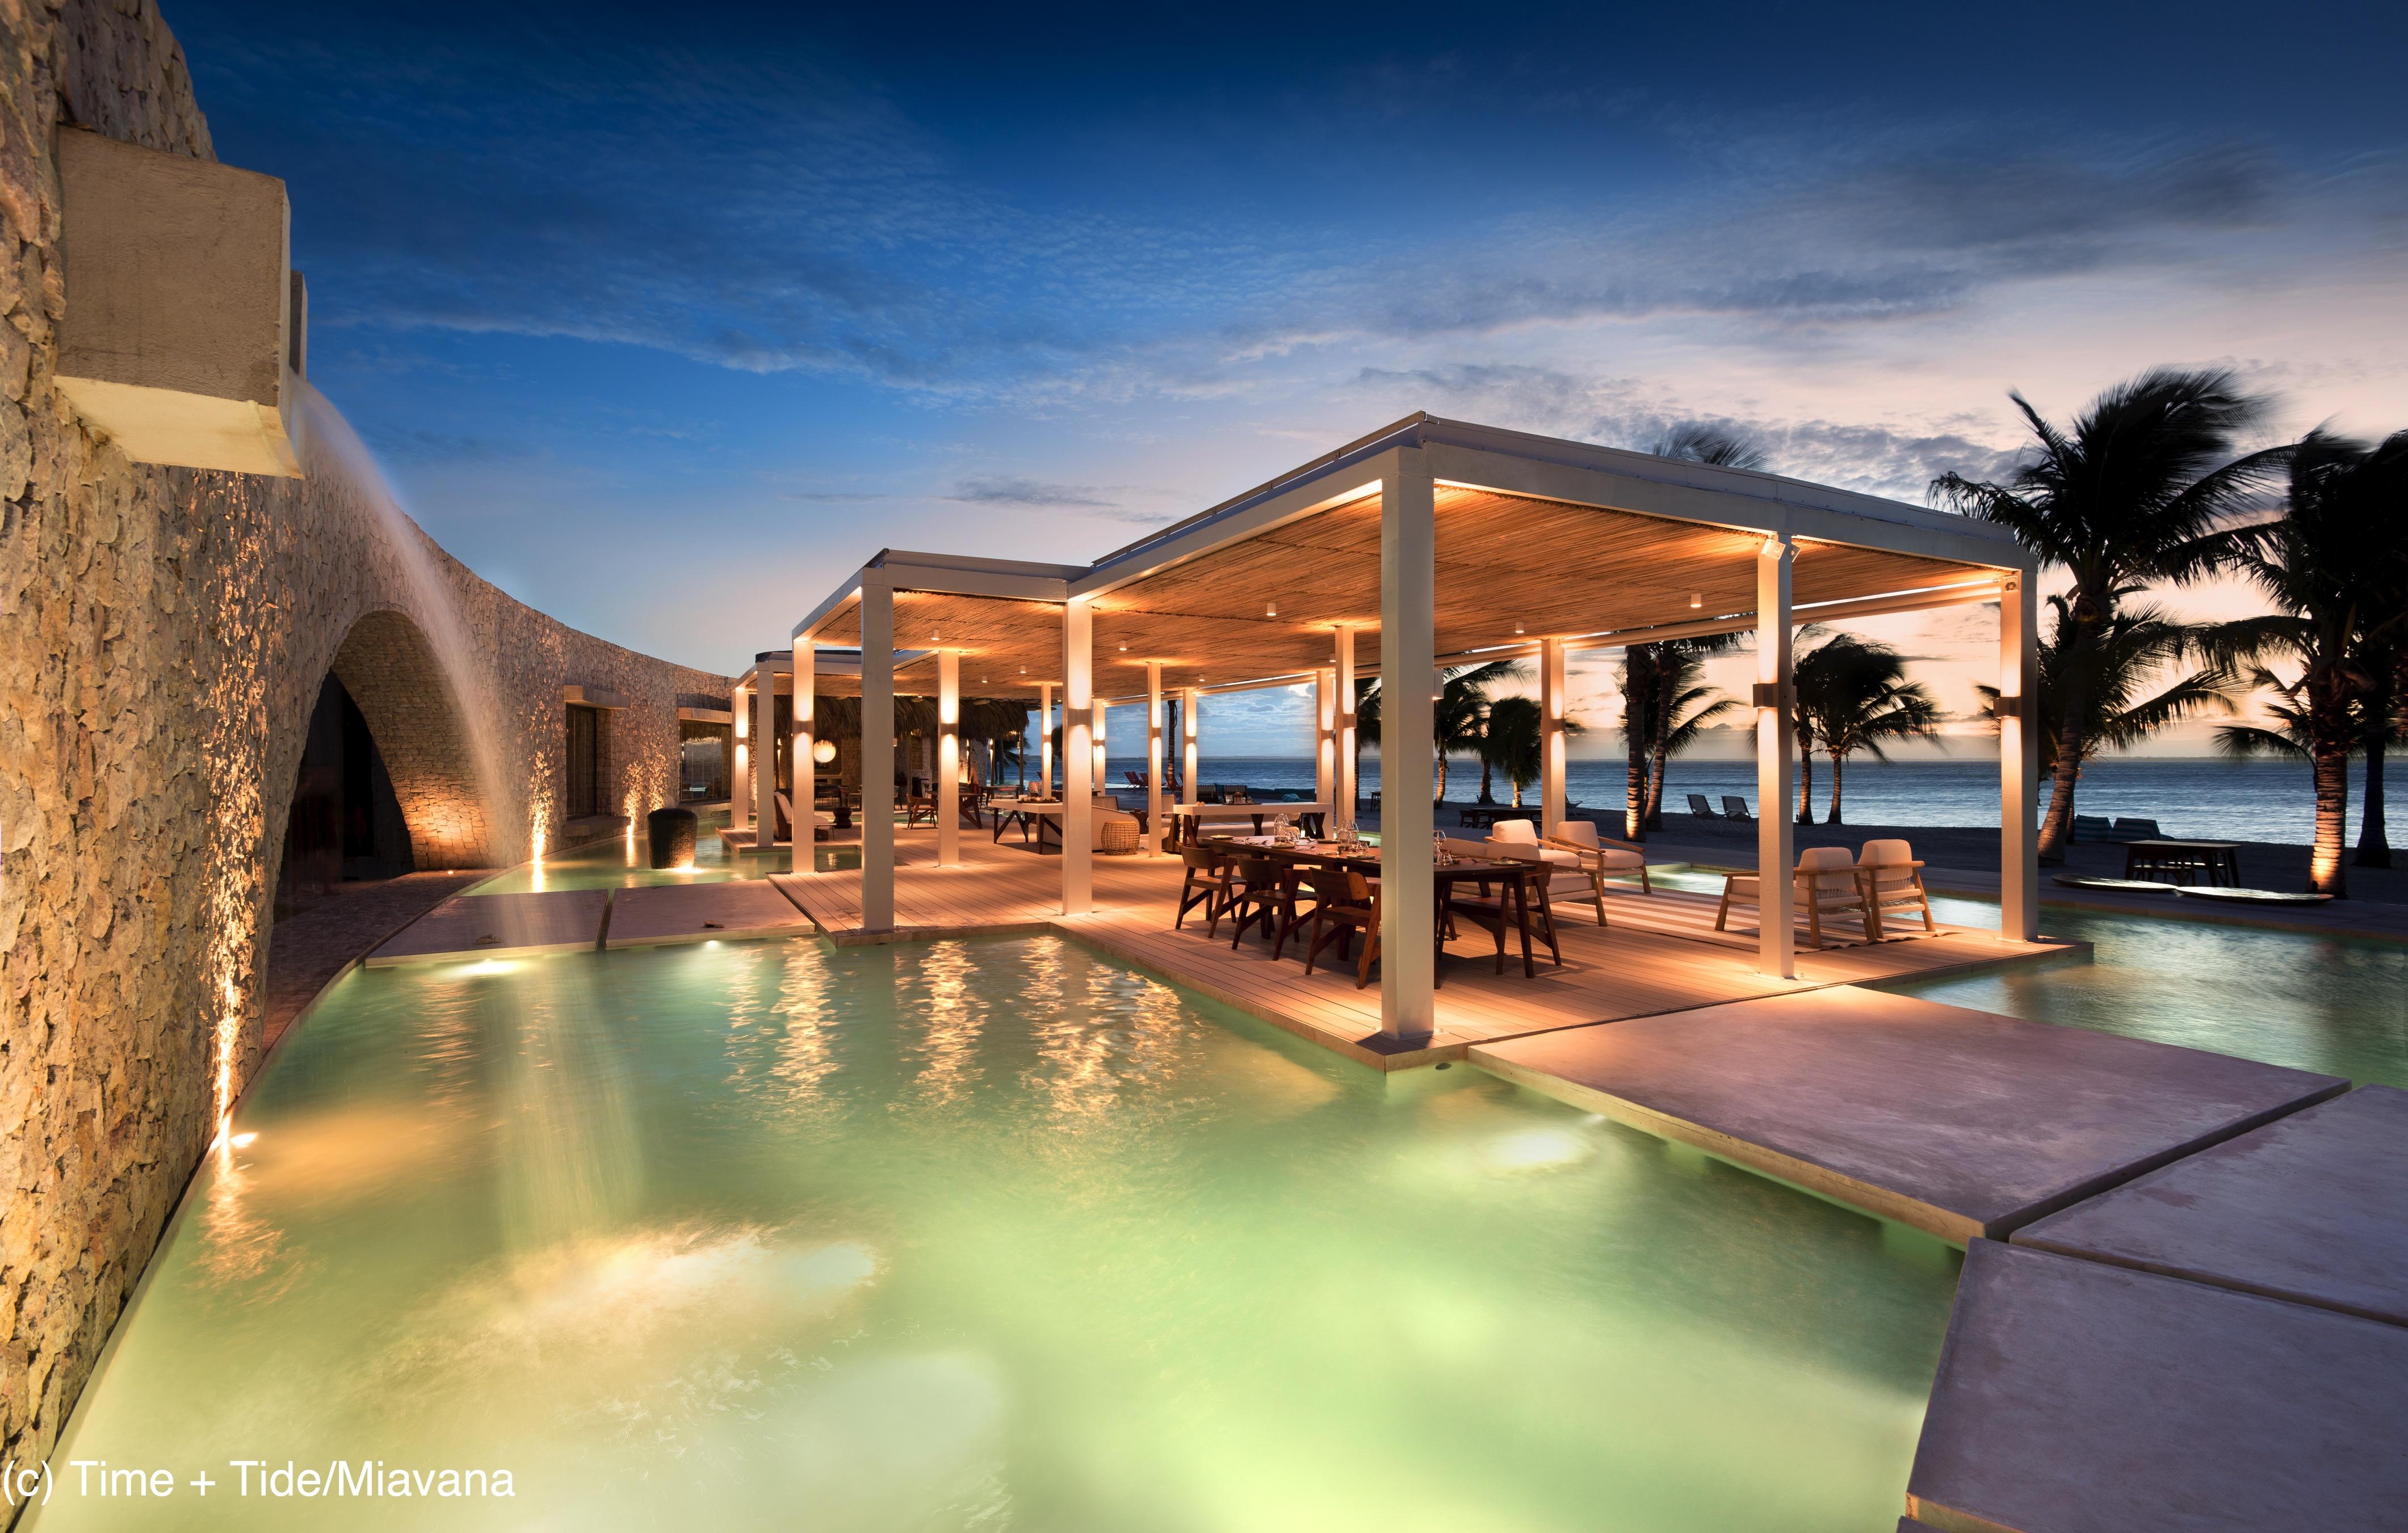 miavana-luxury-indian-ocean-resort